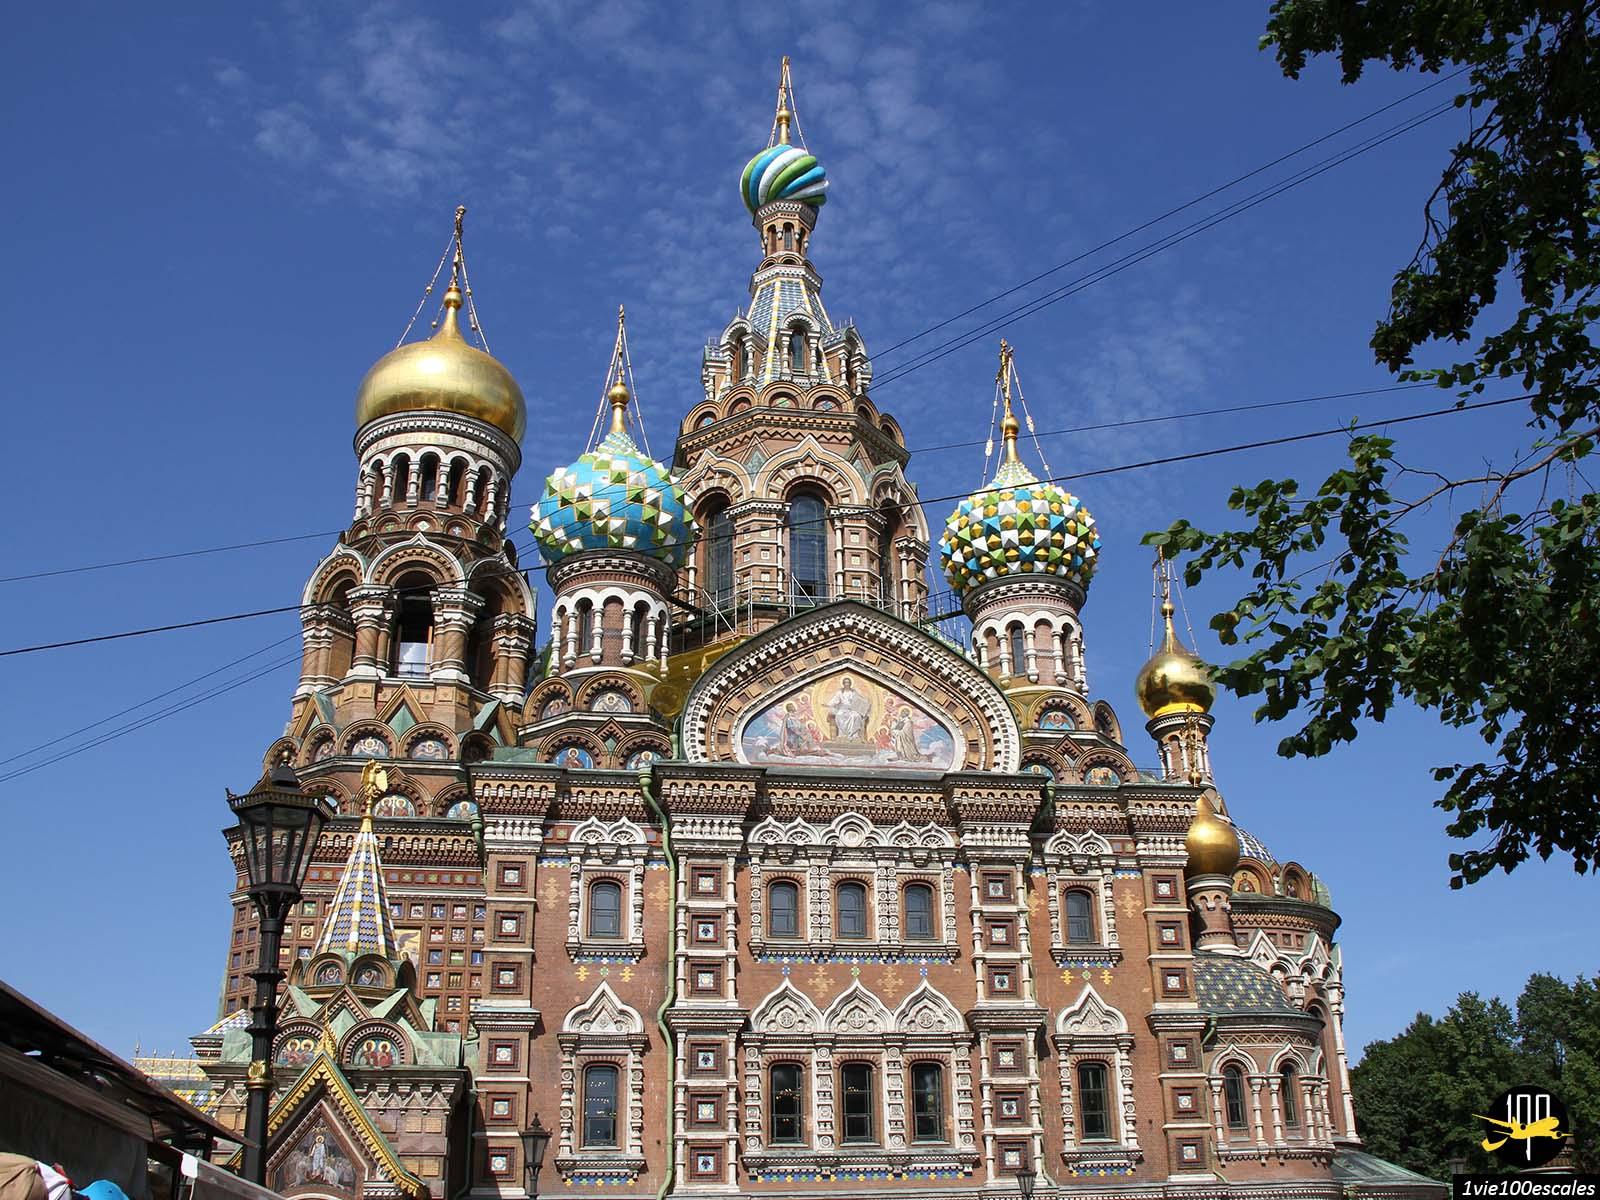 Escale #095 Saint-Pétersbourg